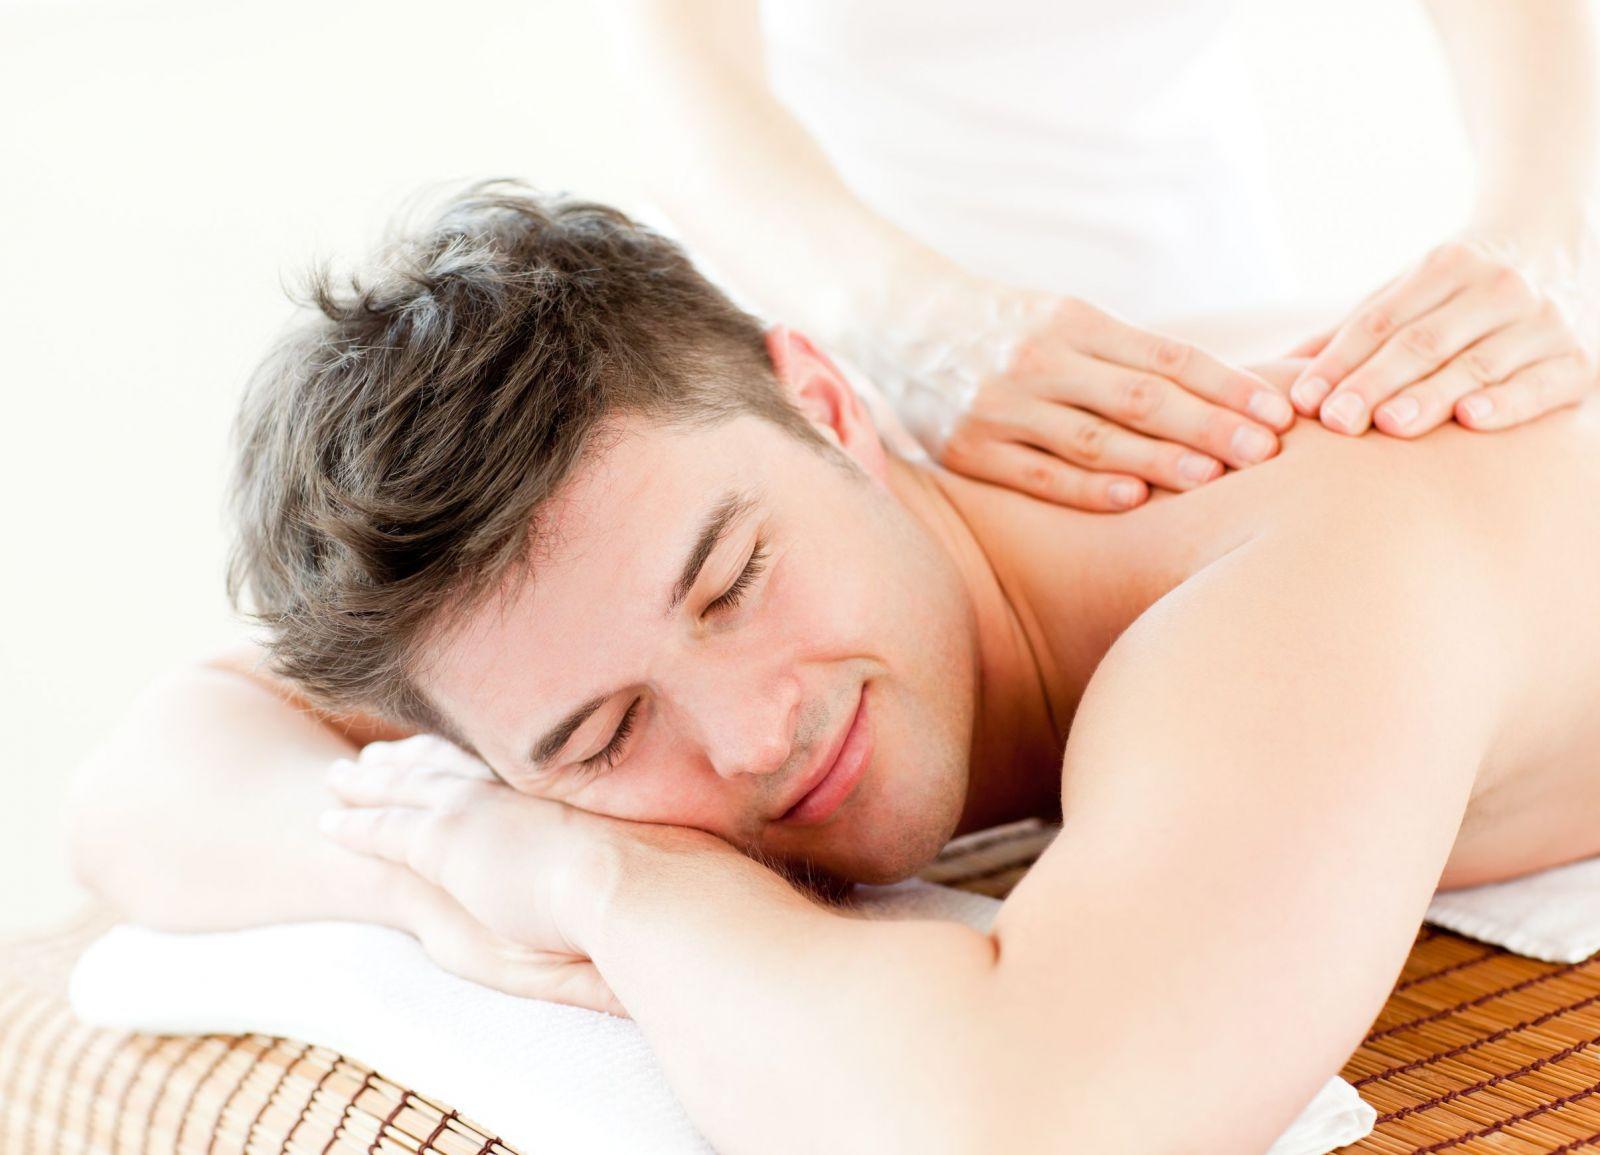 có nên massage thường xuyên không 2